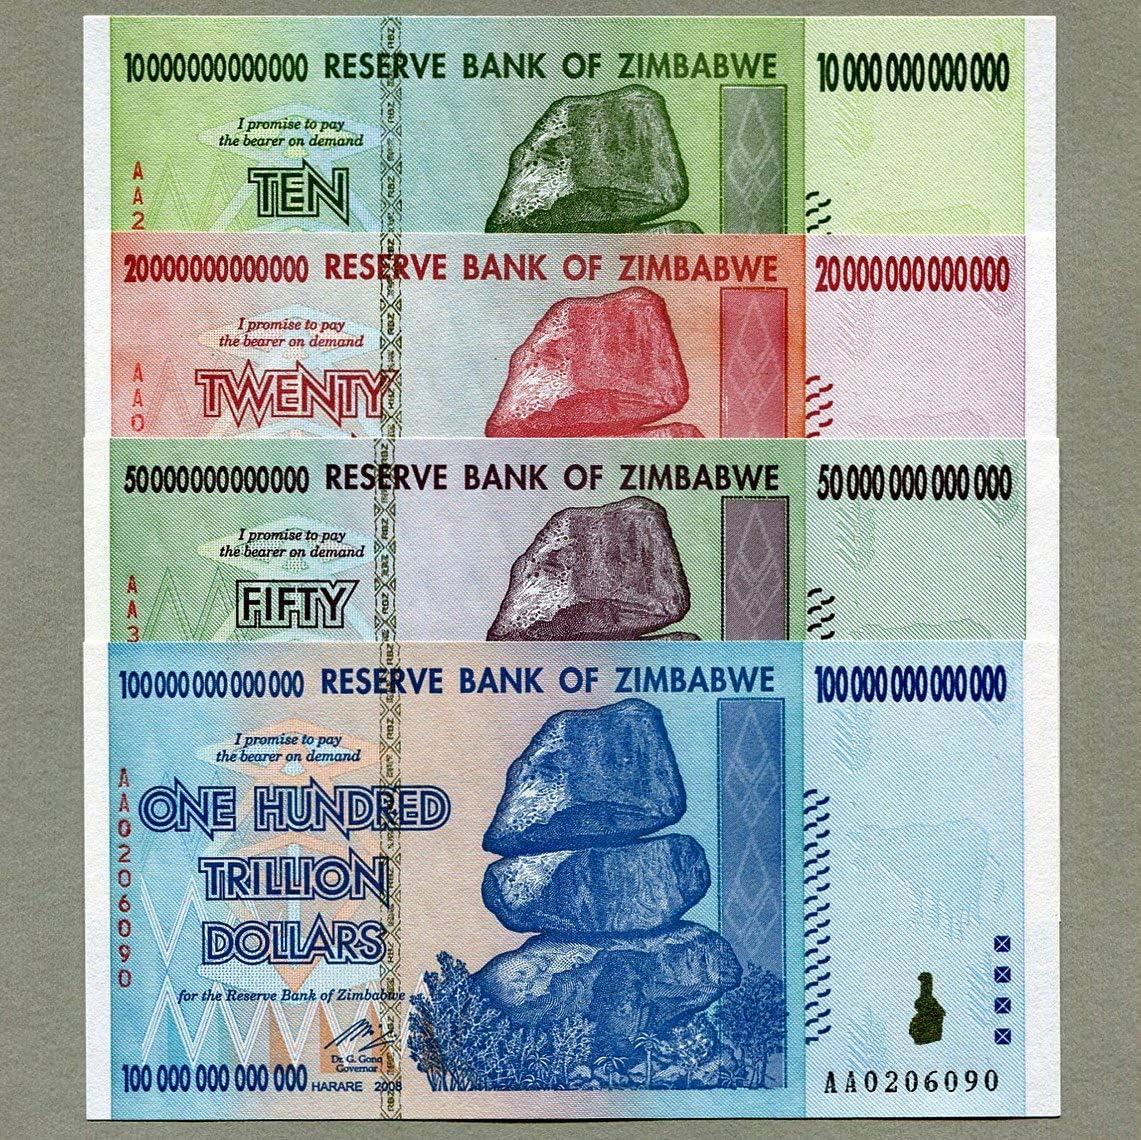 60 Stück Sammlung China First Edition Banknoten Papiergeld UNC unzirkuliert